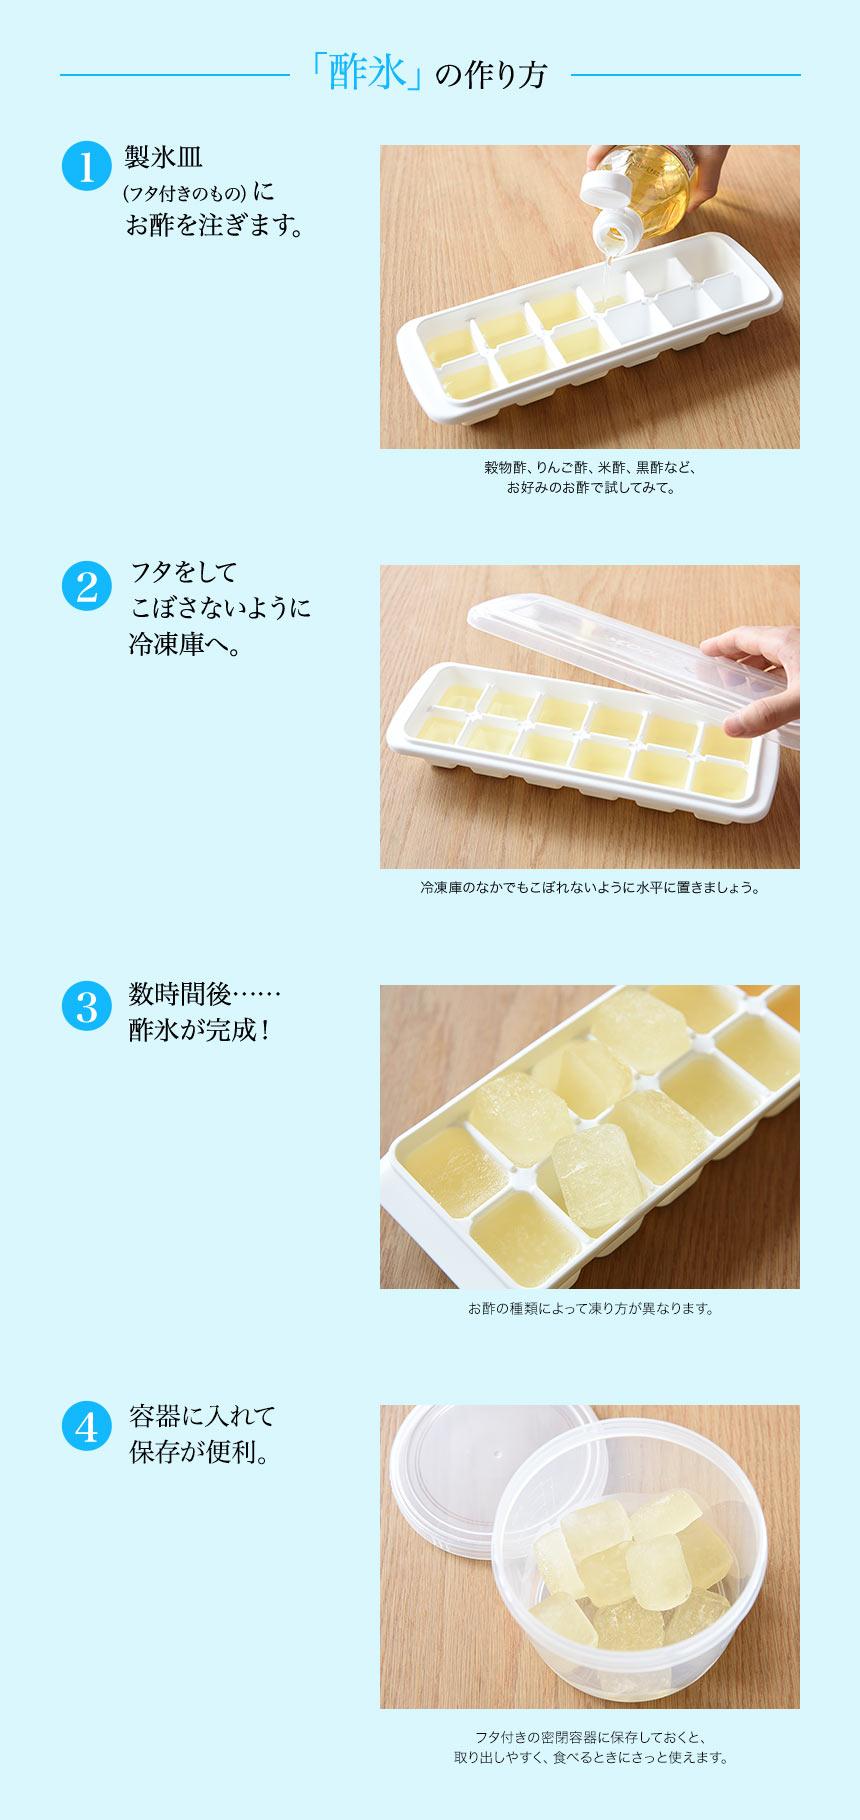 酢氷(すごおり)の作り方